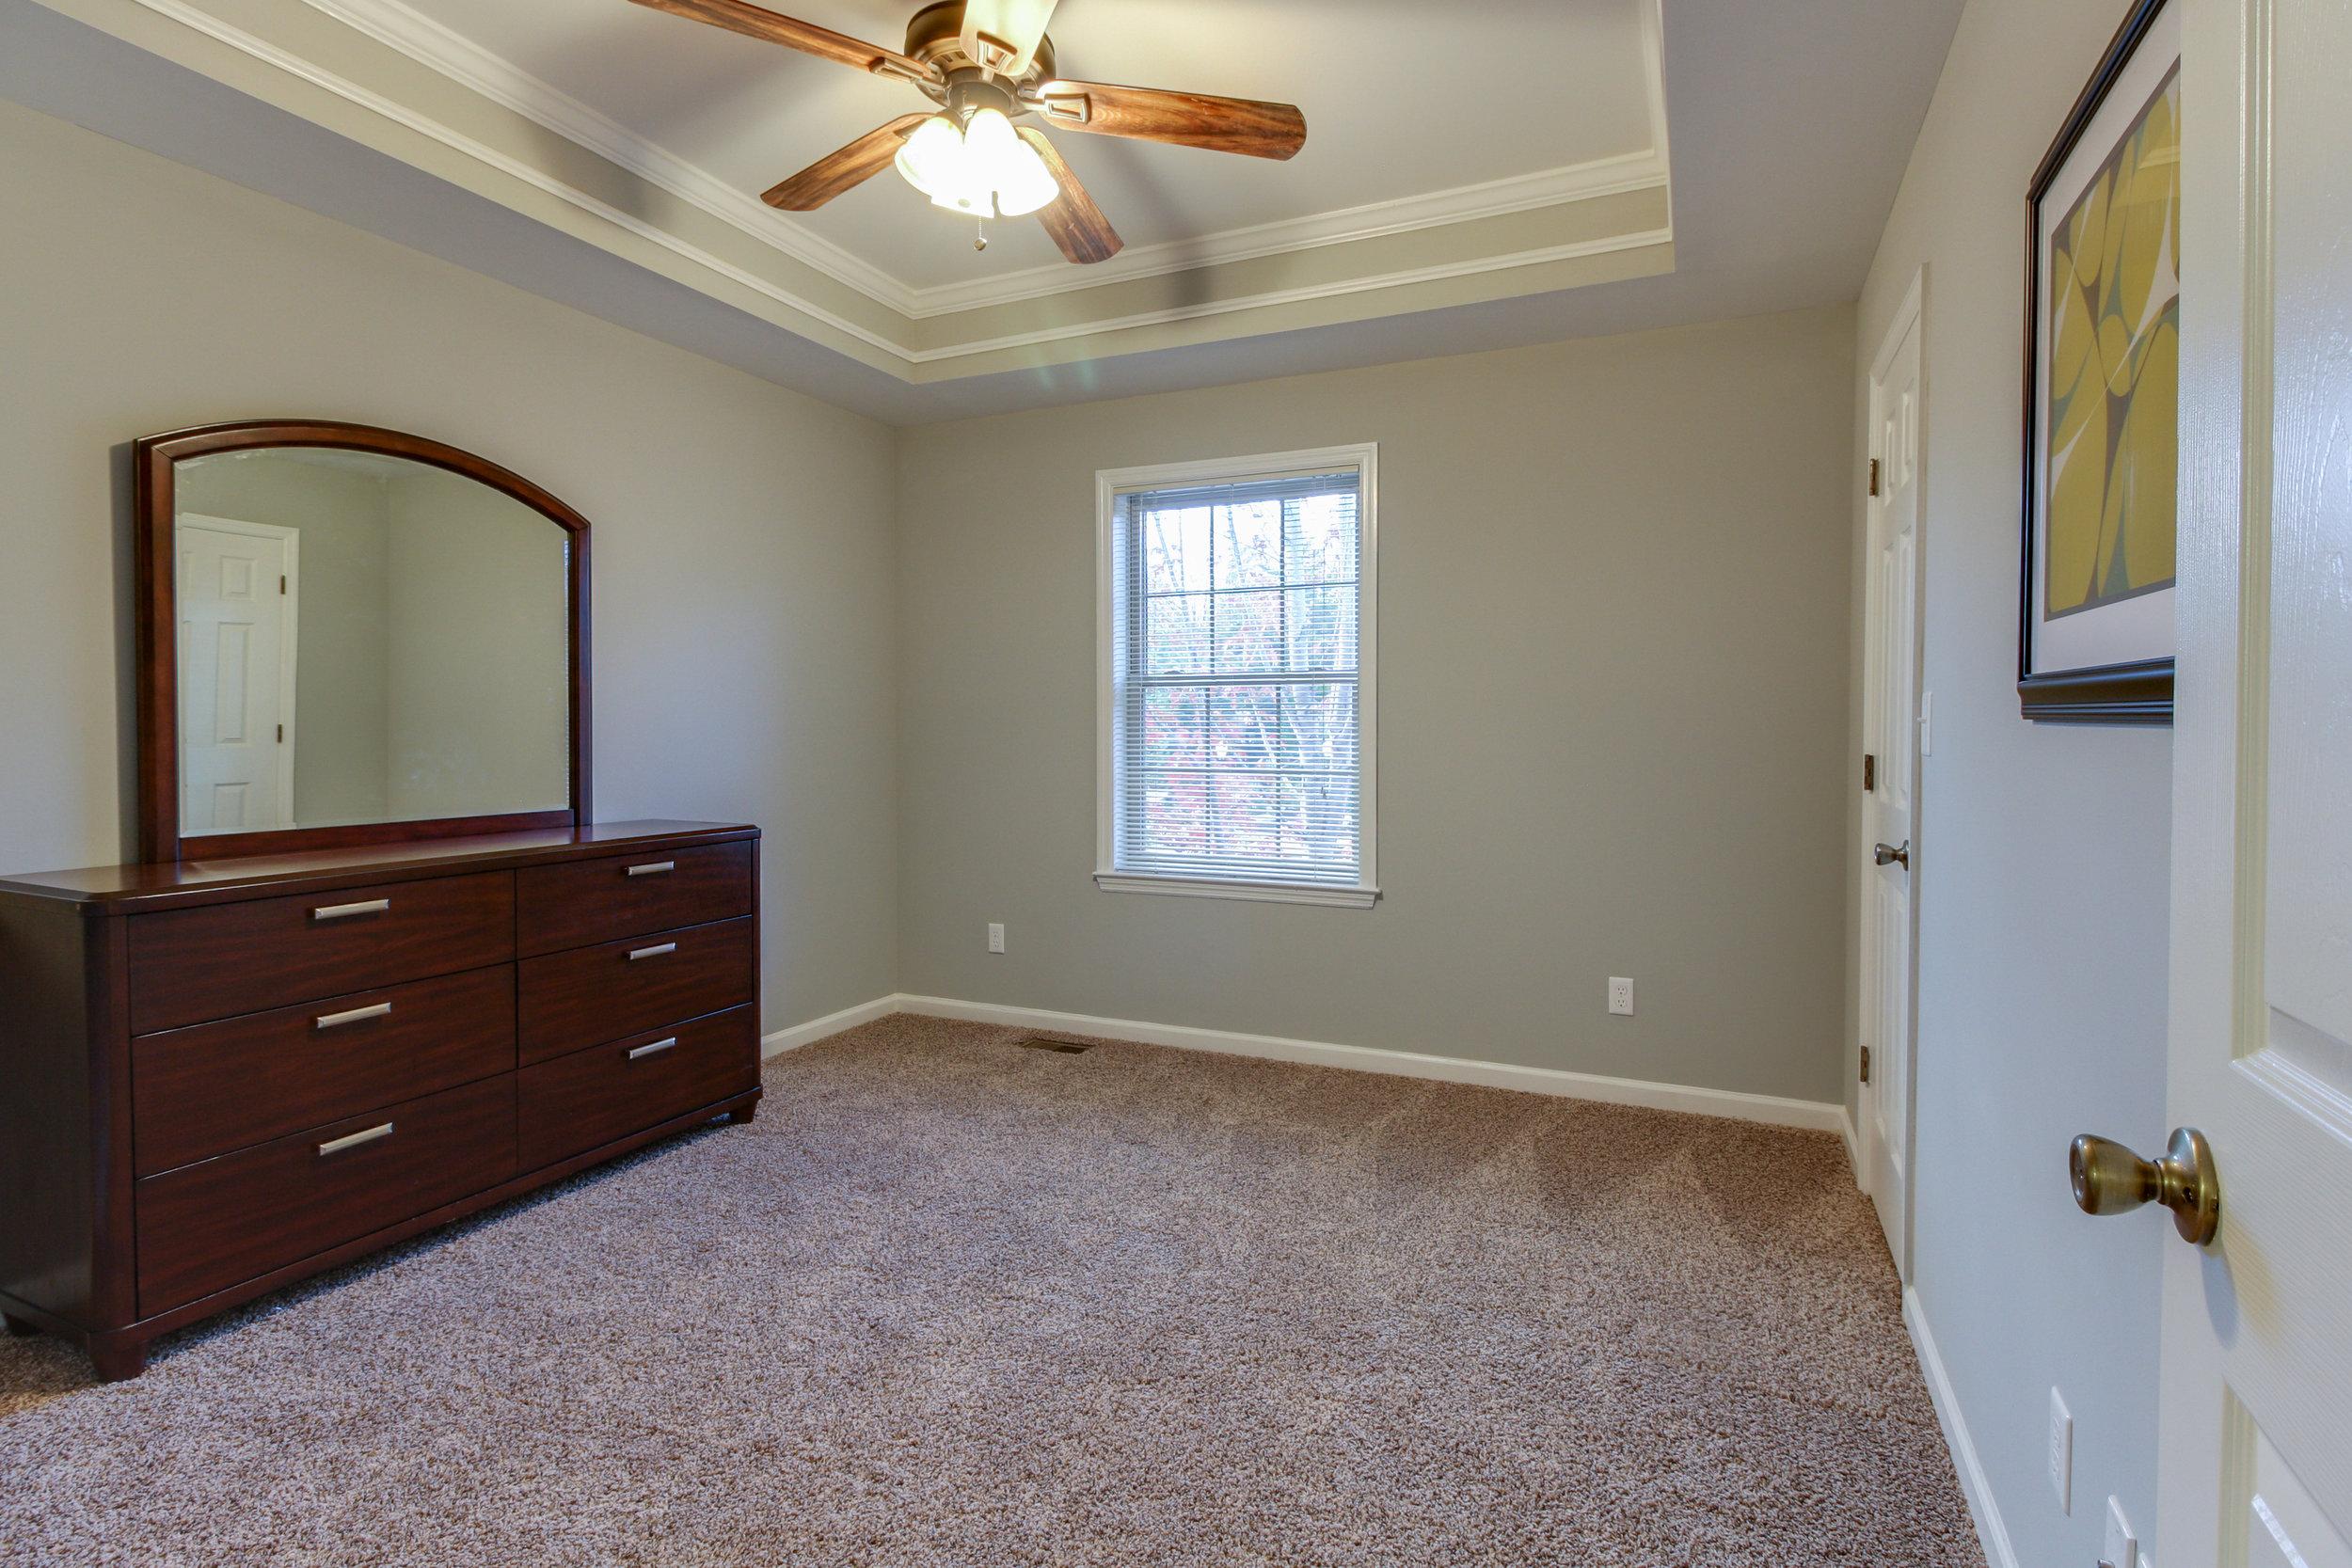 Davis Park Smyrna Guest Room 1 - Copy.jpg